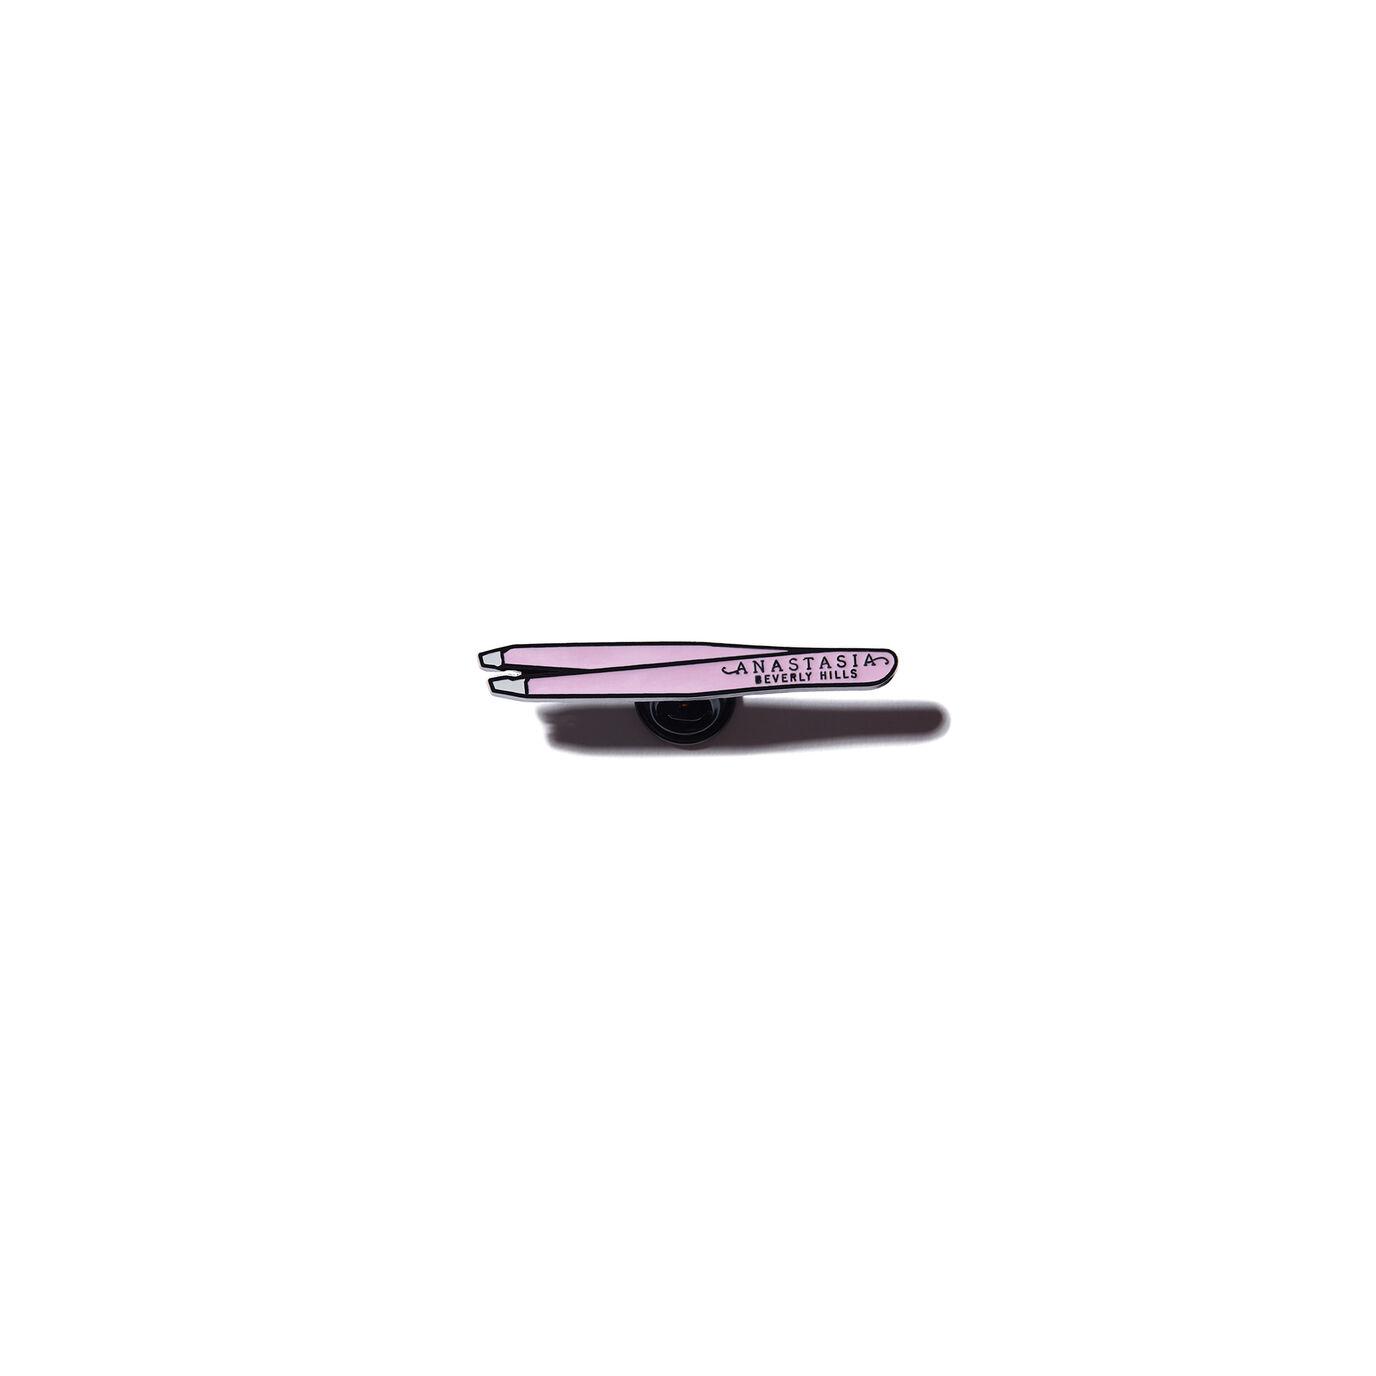 ABH Tweezers Pin